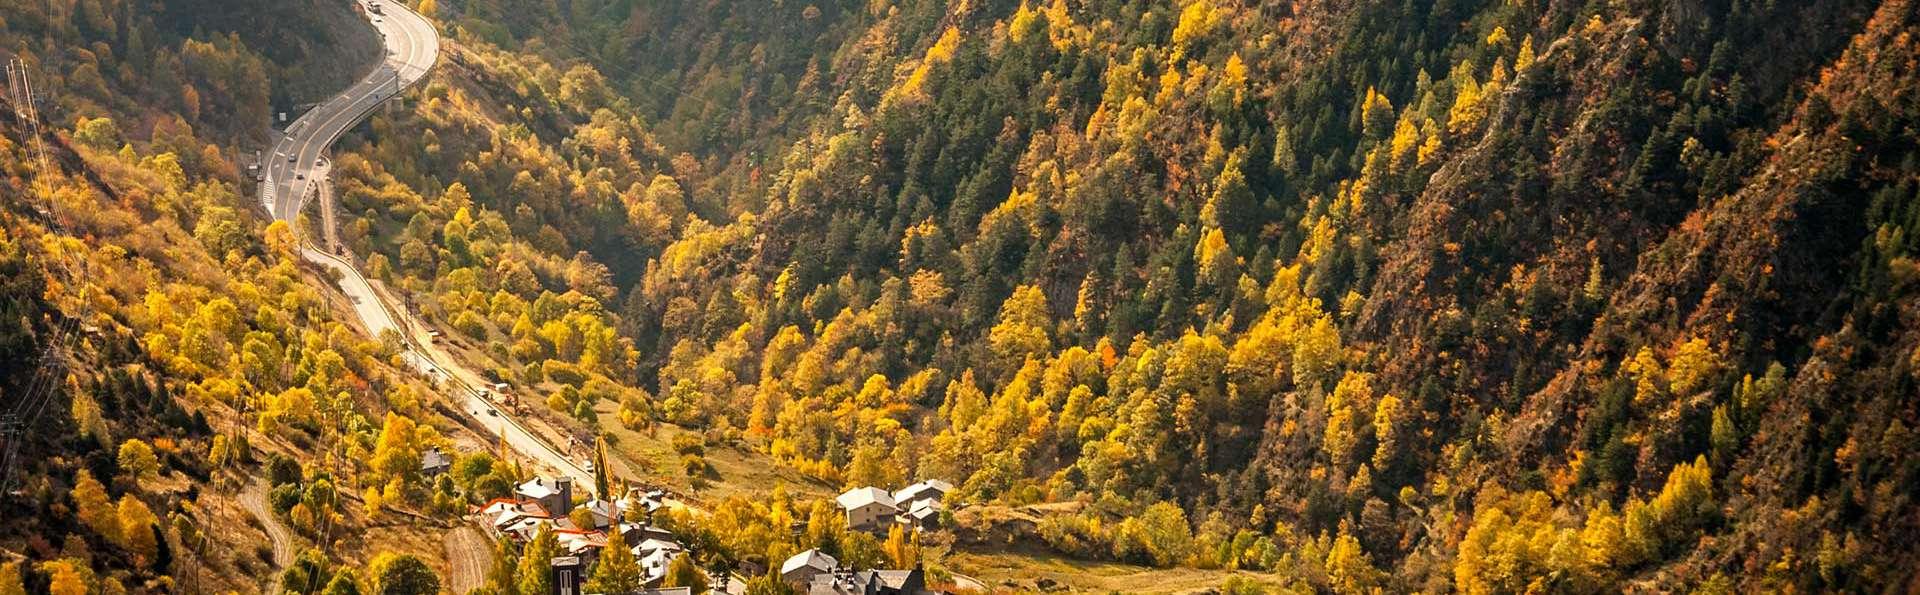 Prenez une bouffée d'air frais entouré des montagnes d'Andorre